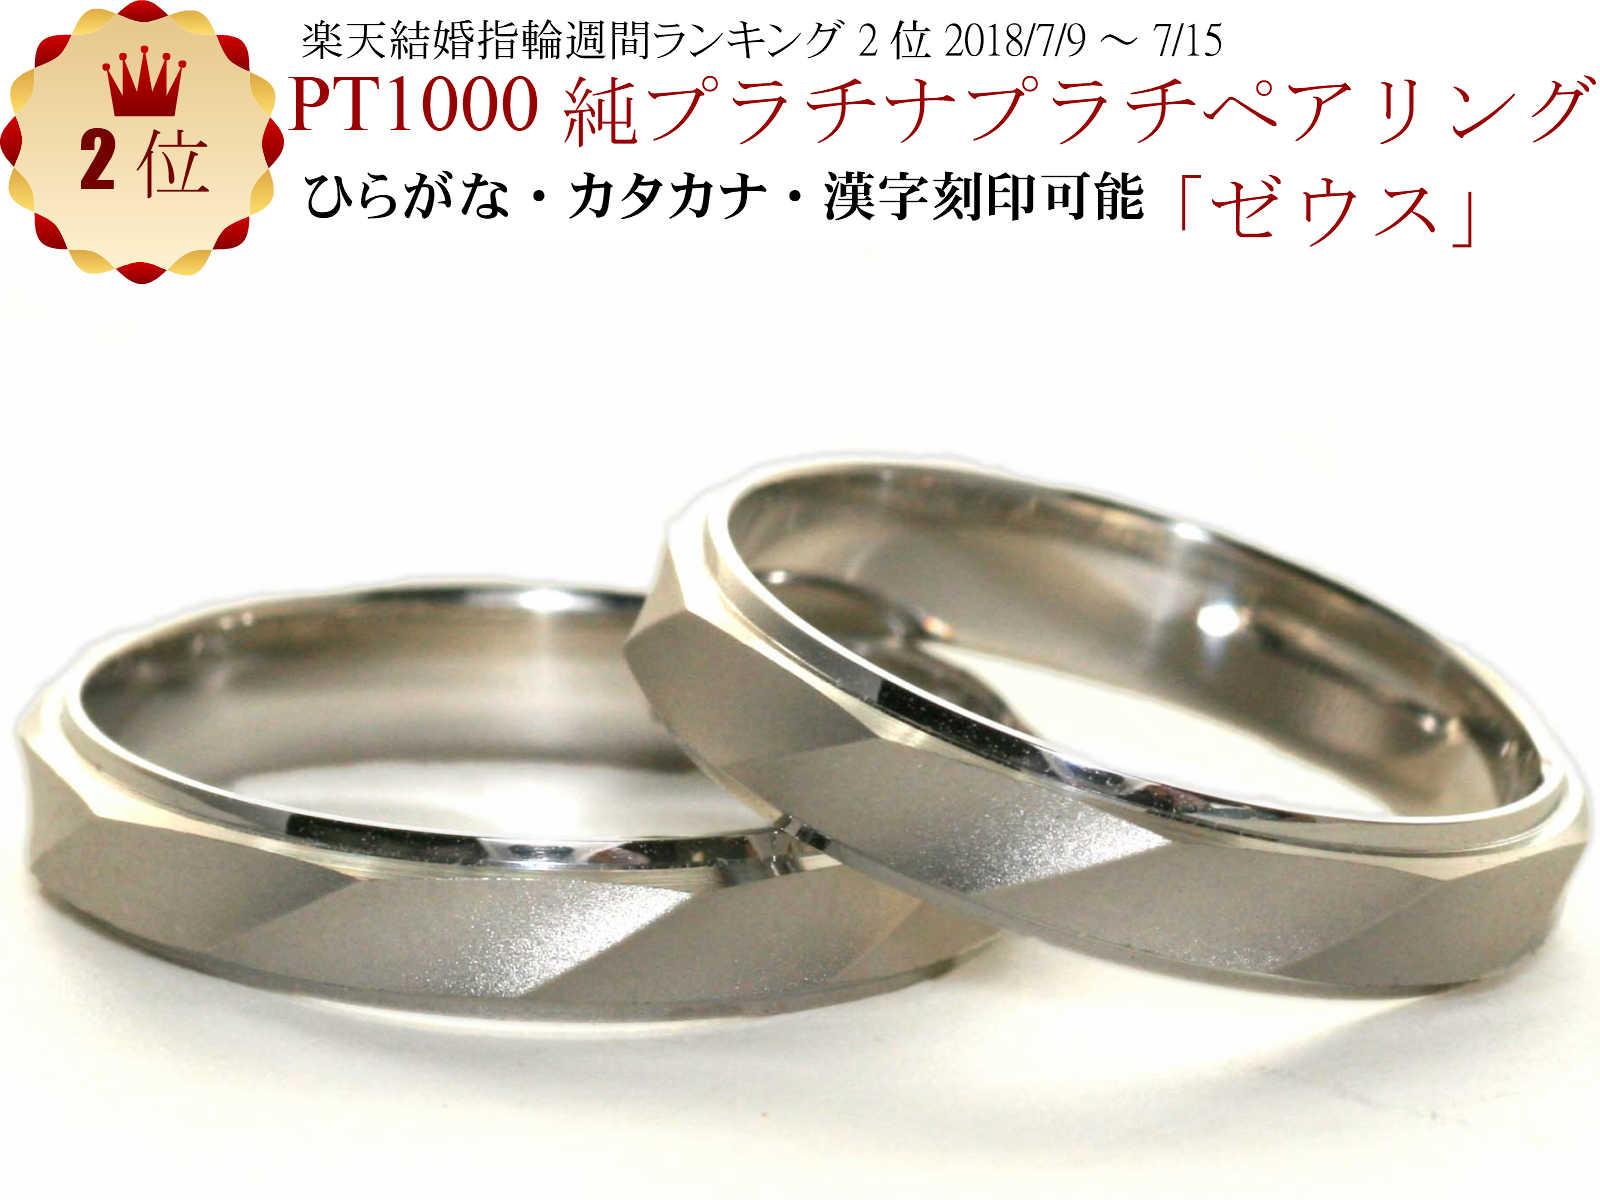 結婚指輪 マリッジリング 「ゼウス」 純プラチナ pt1000 (pt999) ペアリング 2本セット 財務省造幣局検定マーク ホールマーク プラチナリング 【サマーセール】